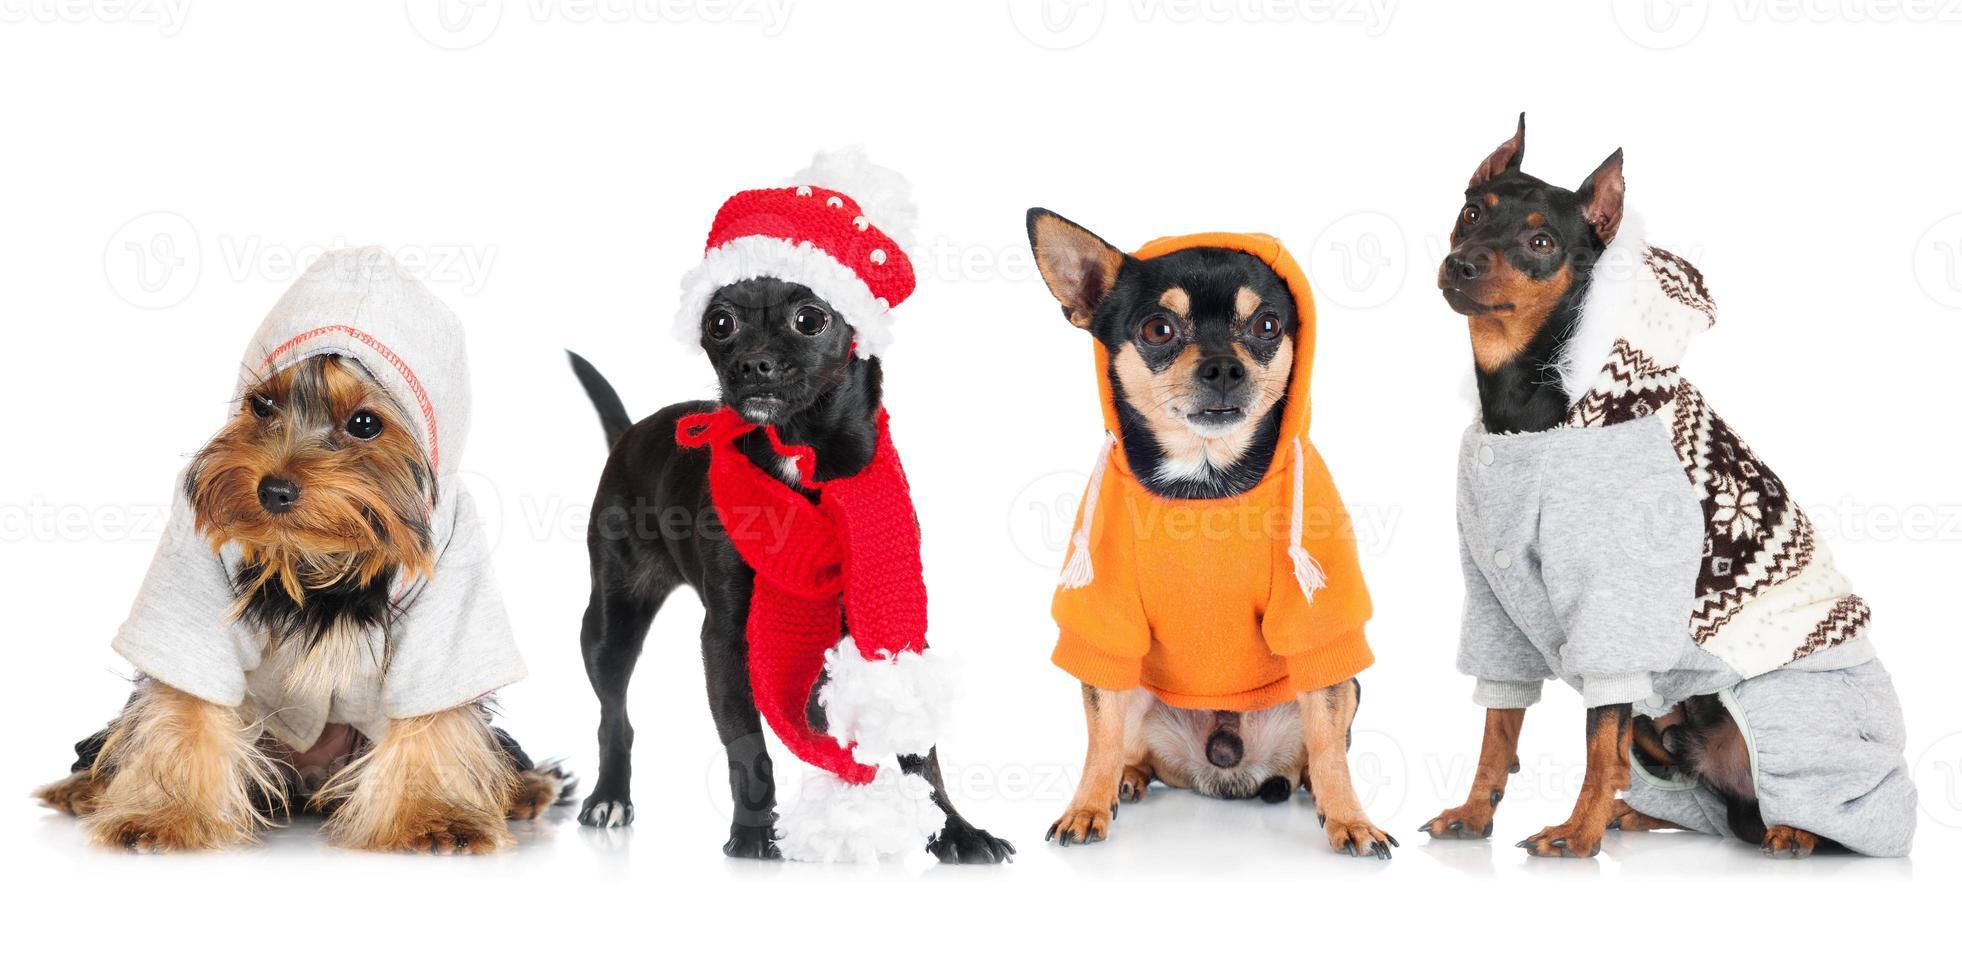 grupp klädda hundar foto